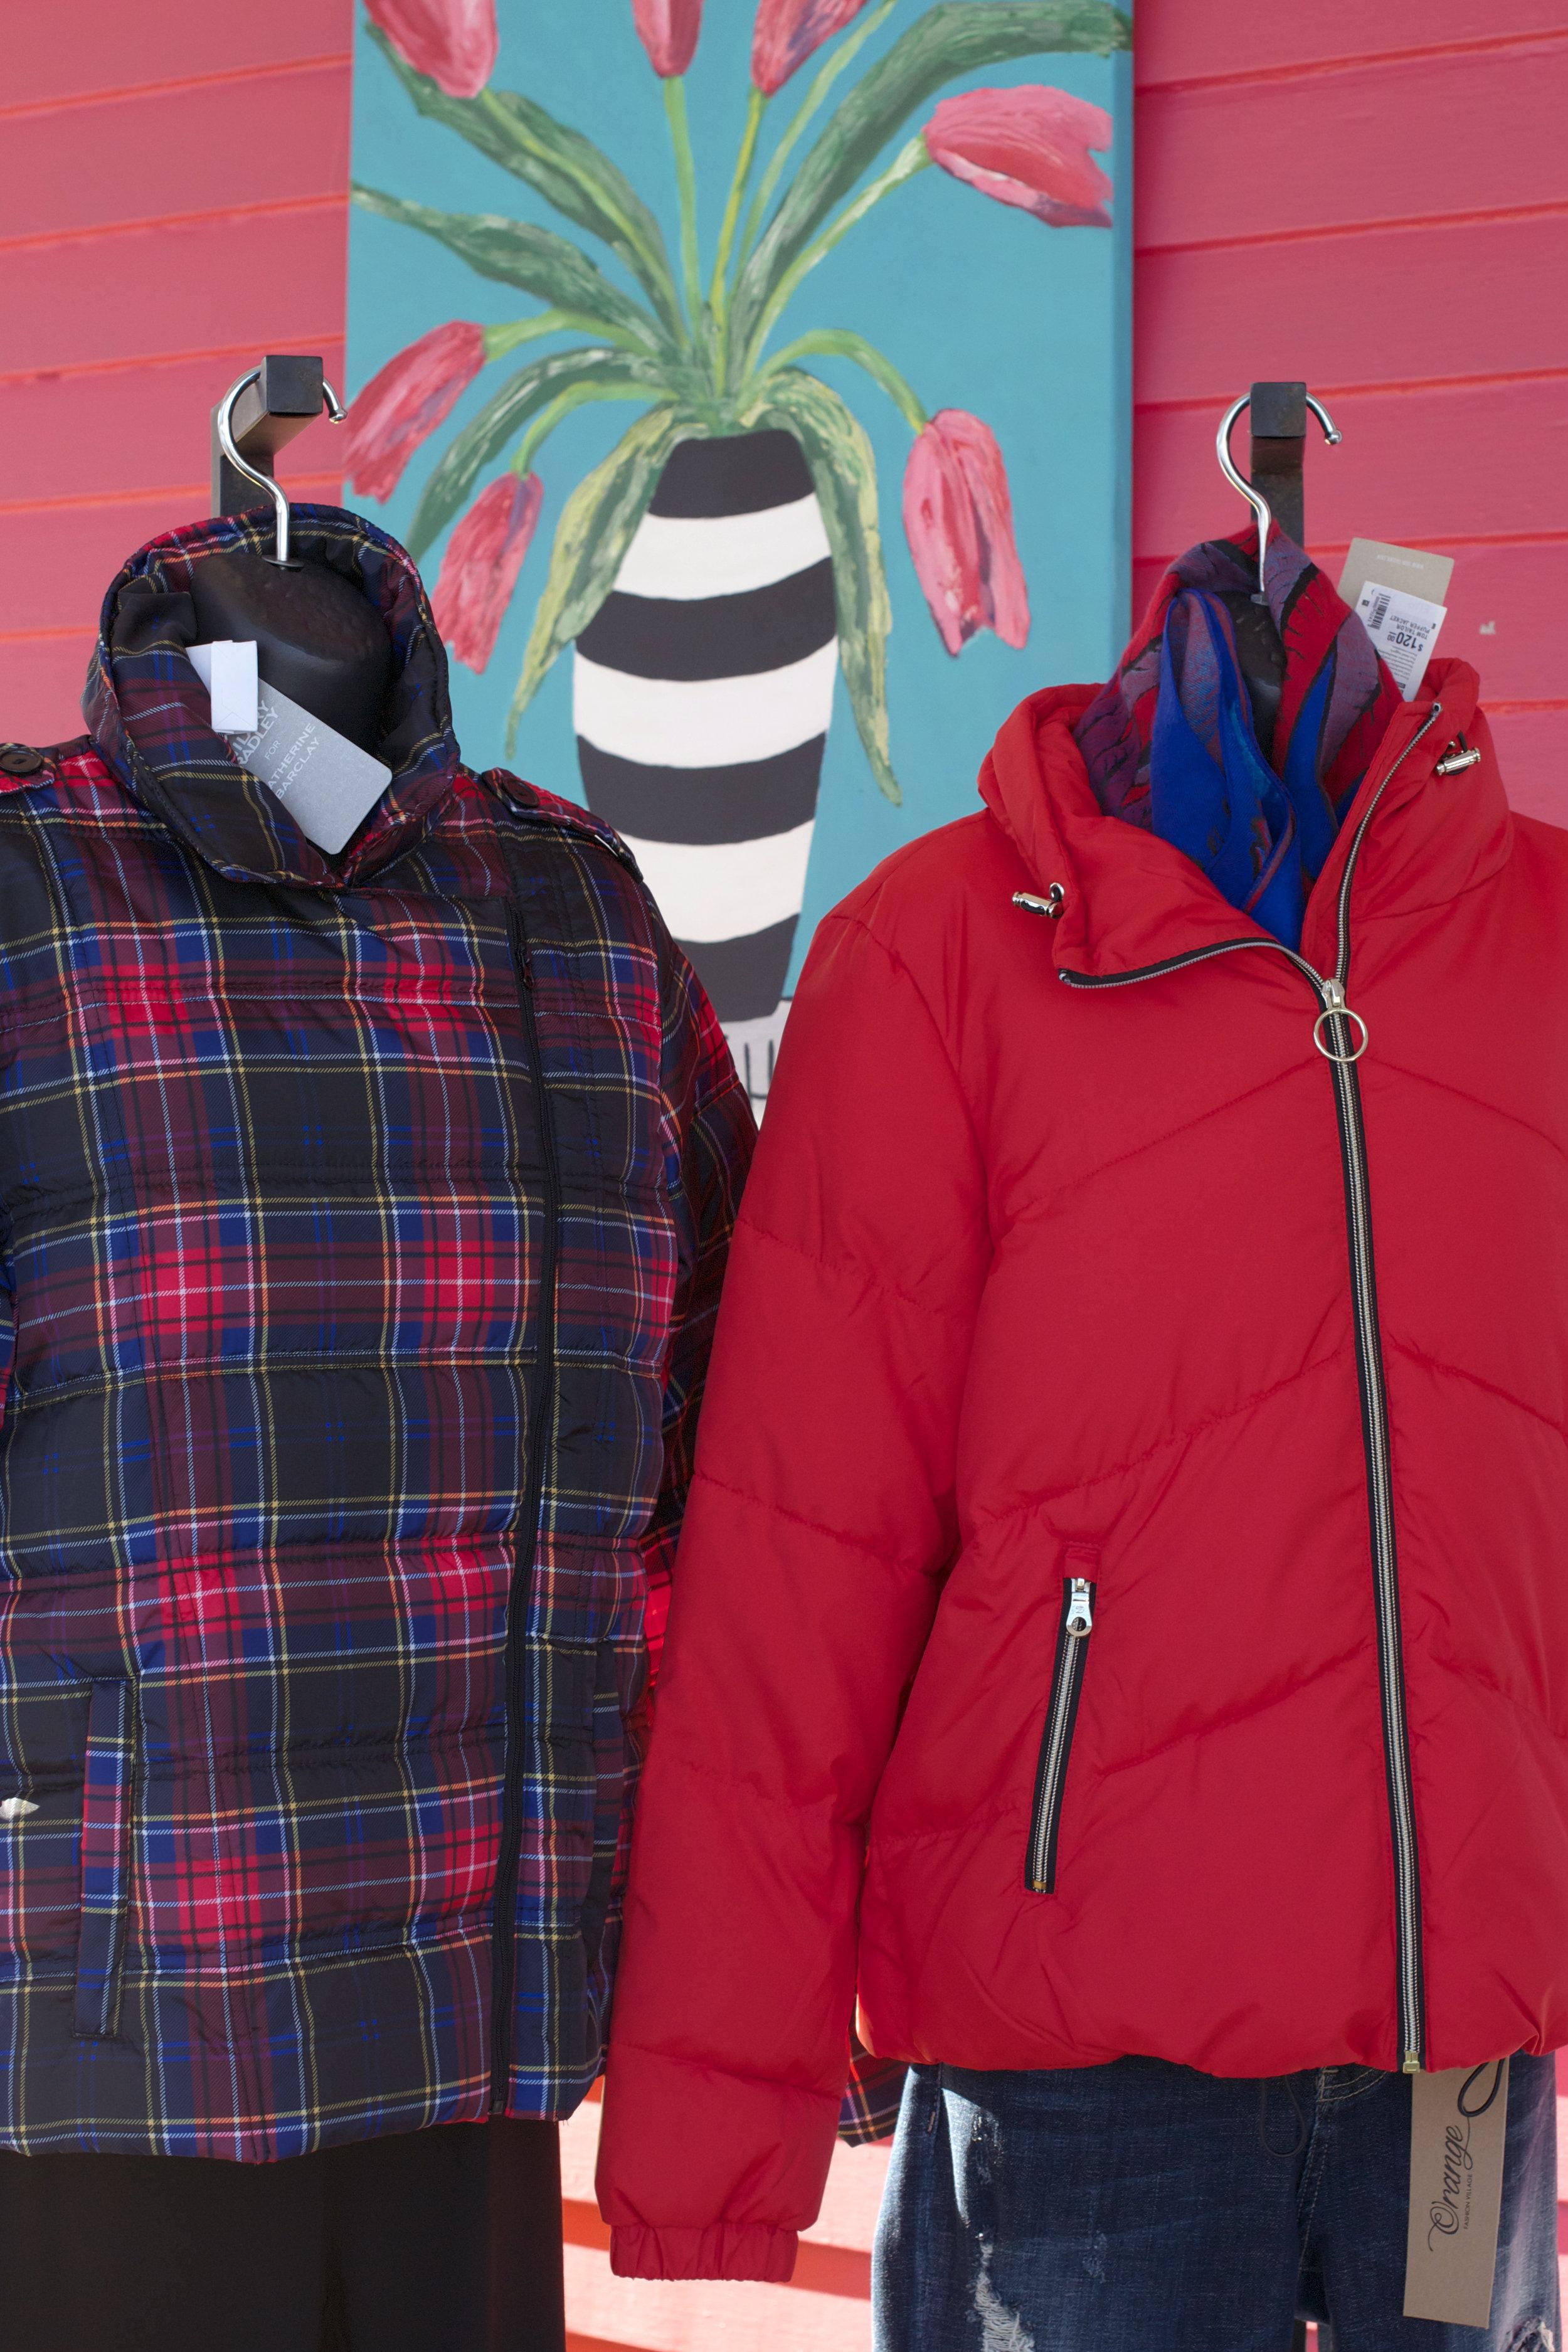 ski-jackets-by-front-door.jpg